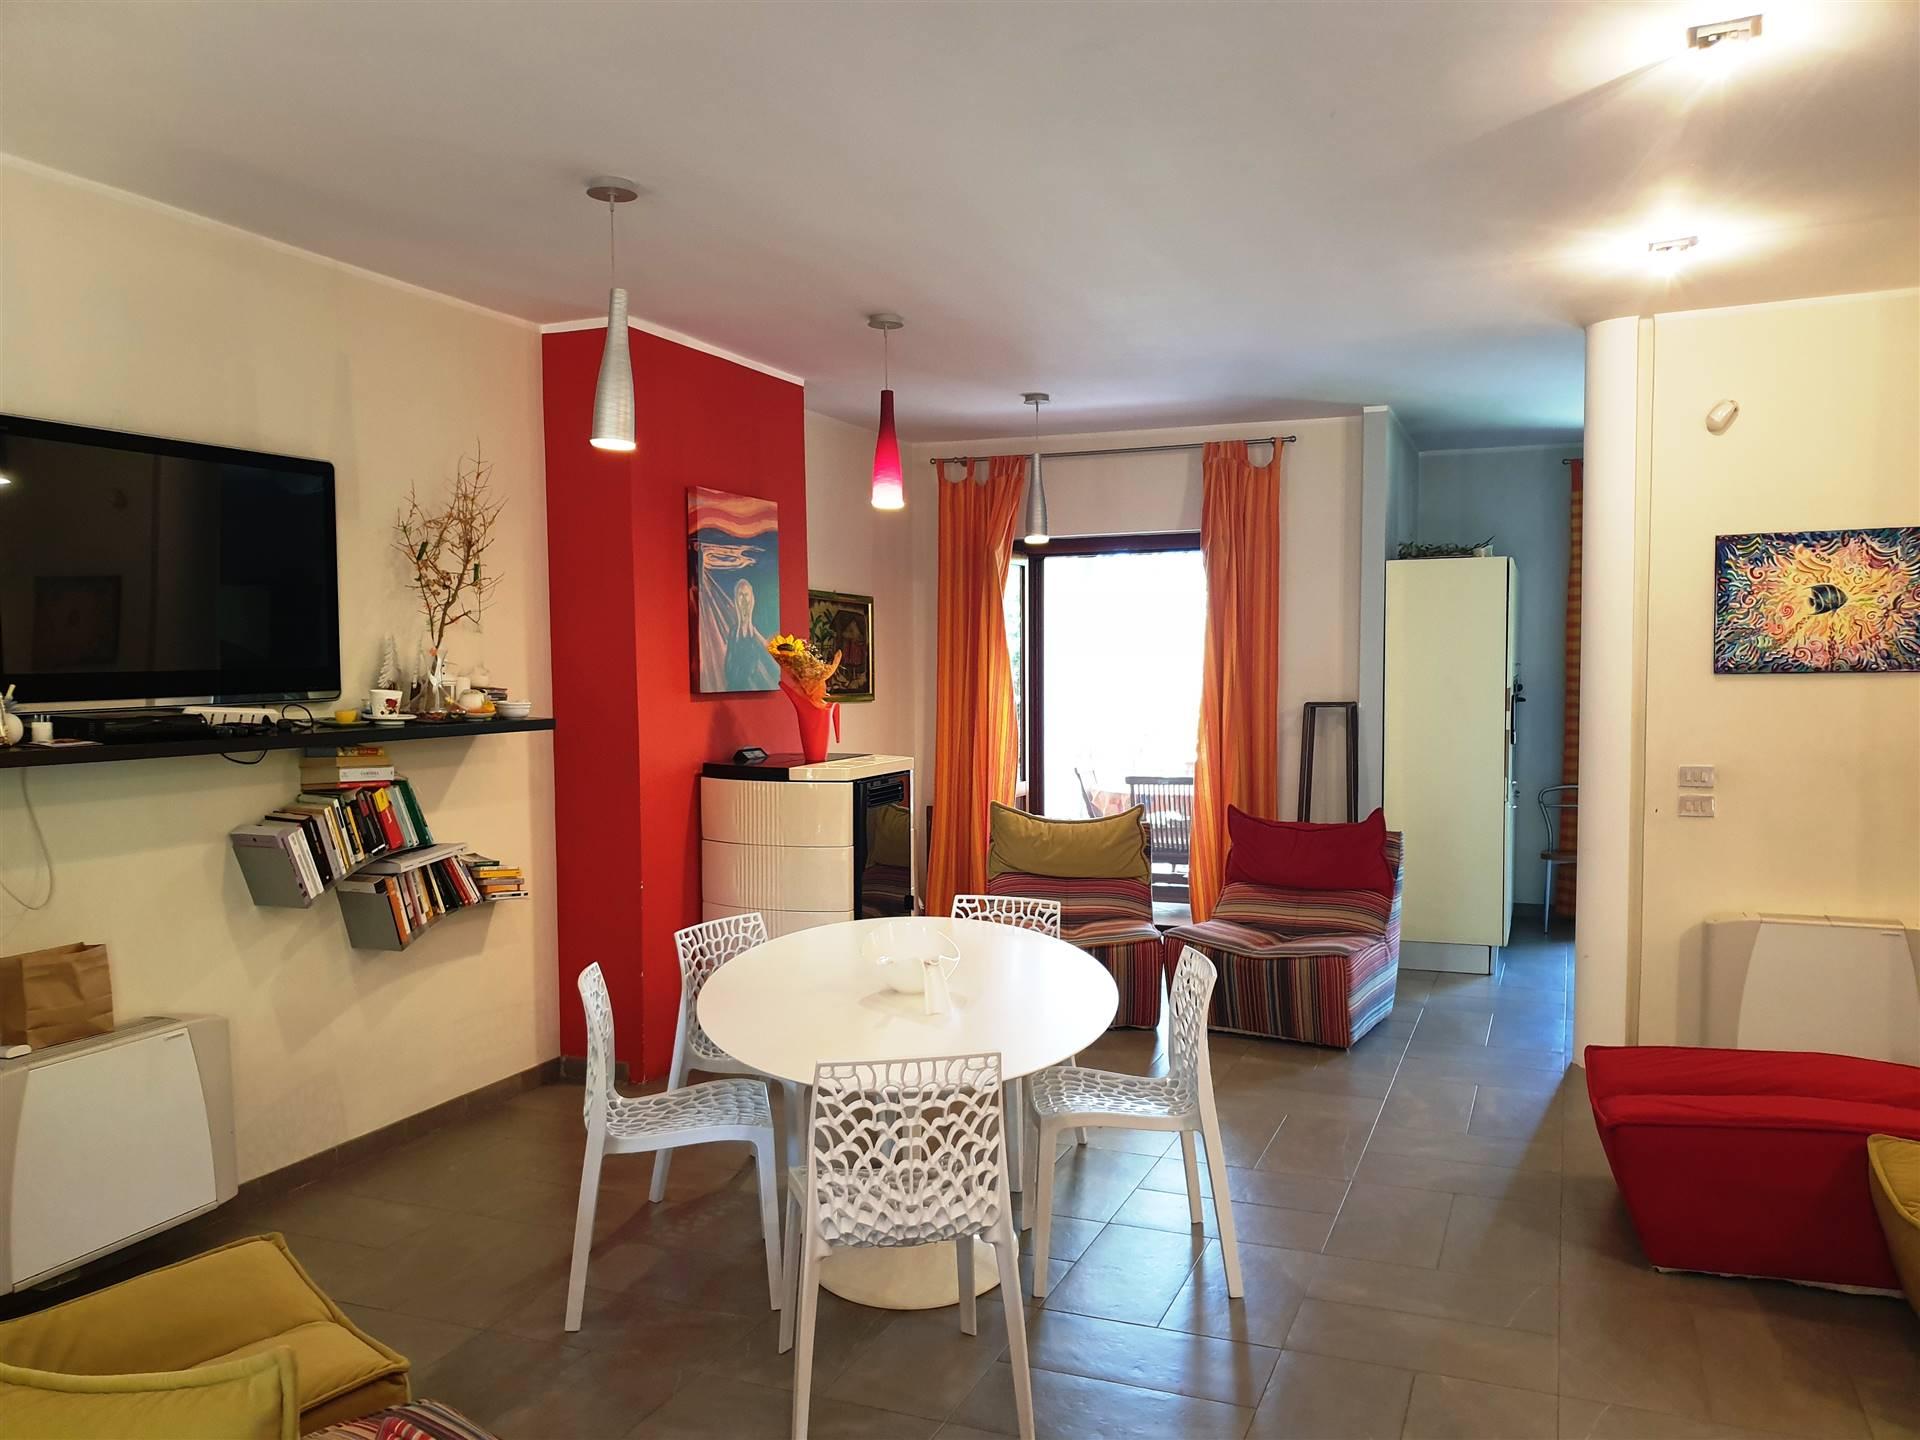 Villa Bifamiliare in vendita a Montalto Uffugo, 6 locali, prezzo € 165.000   CambioCasa.it